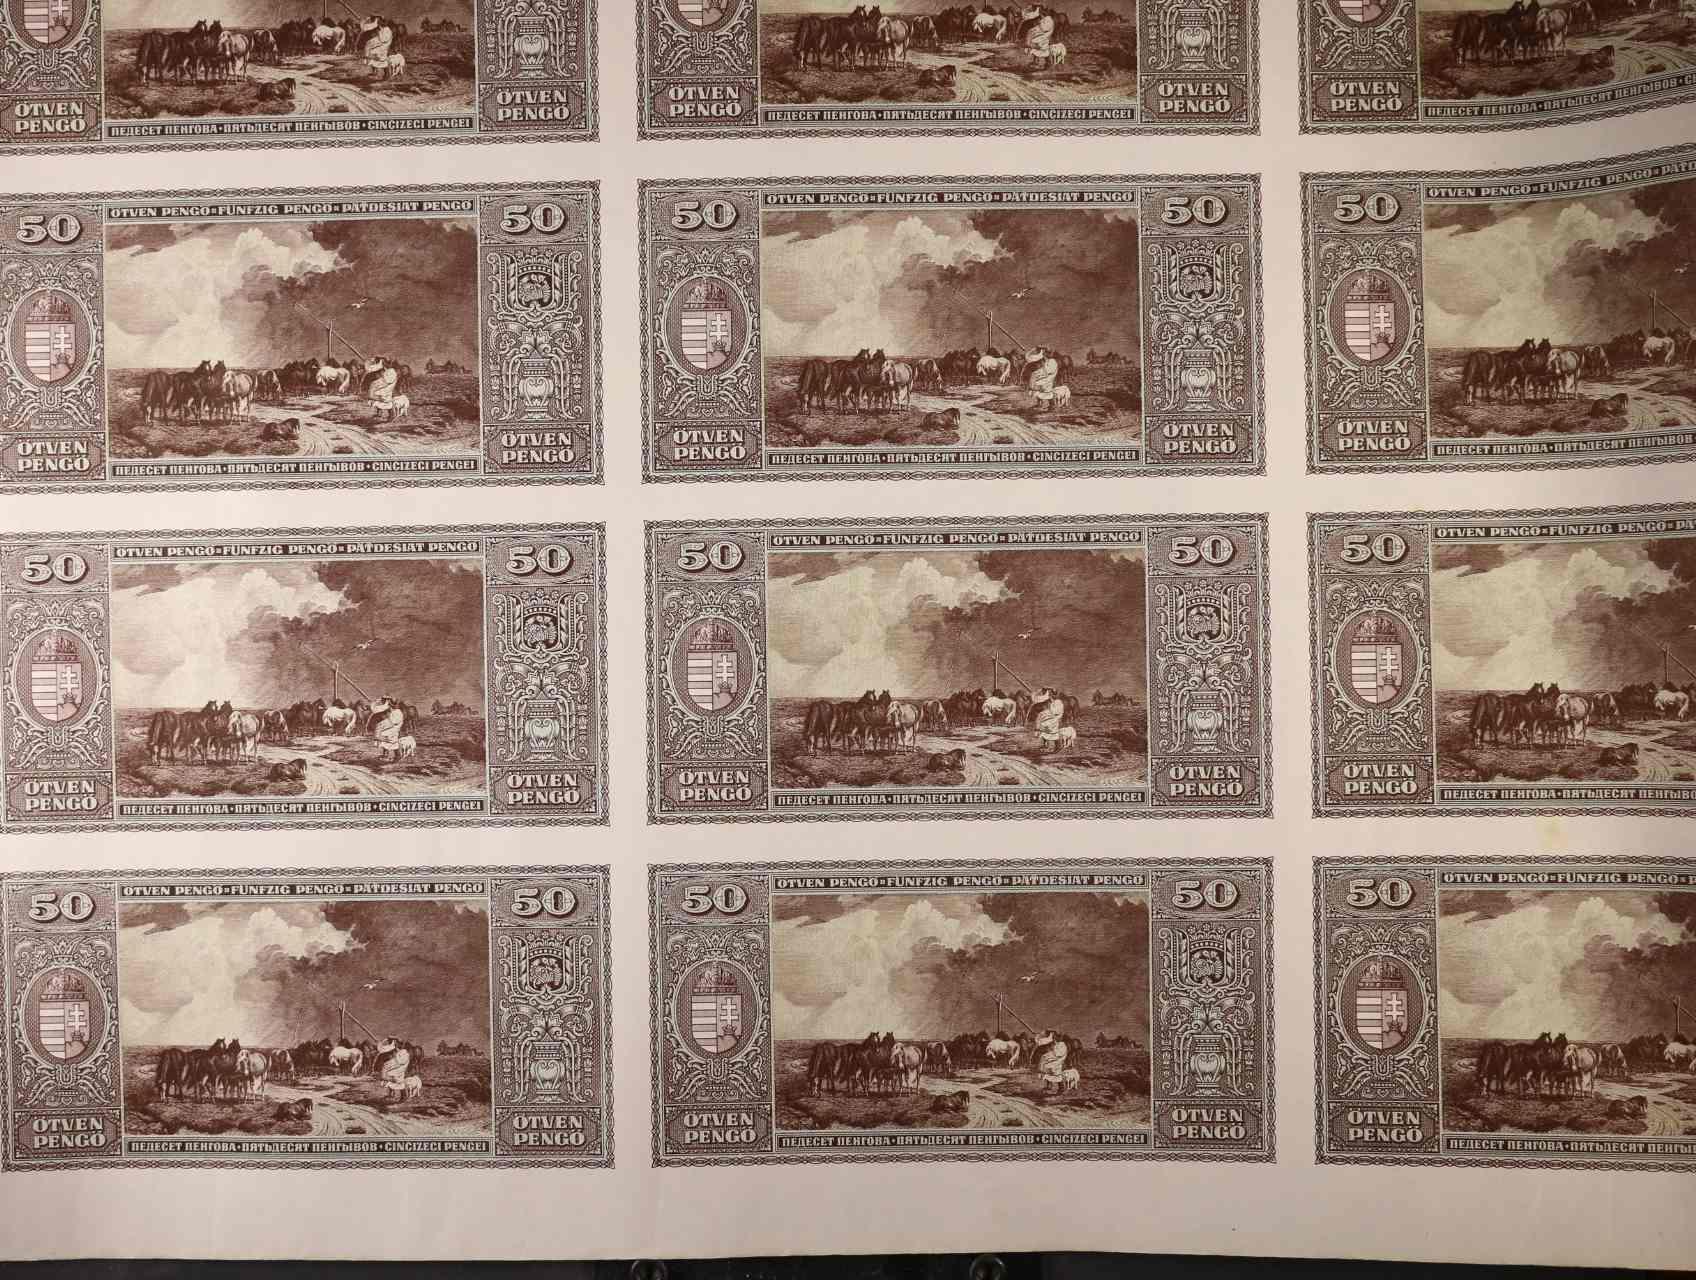 50 Pengö 5.4.1945 tisk pouze rubové strany v kompletním 35-ti kusovém archu, Pi. 110x